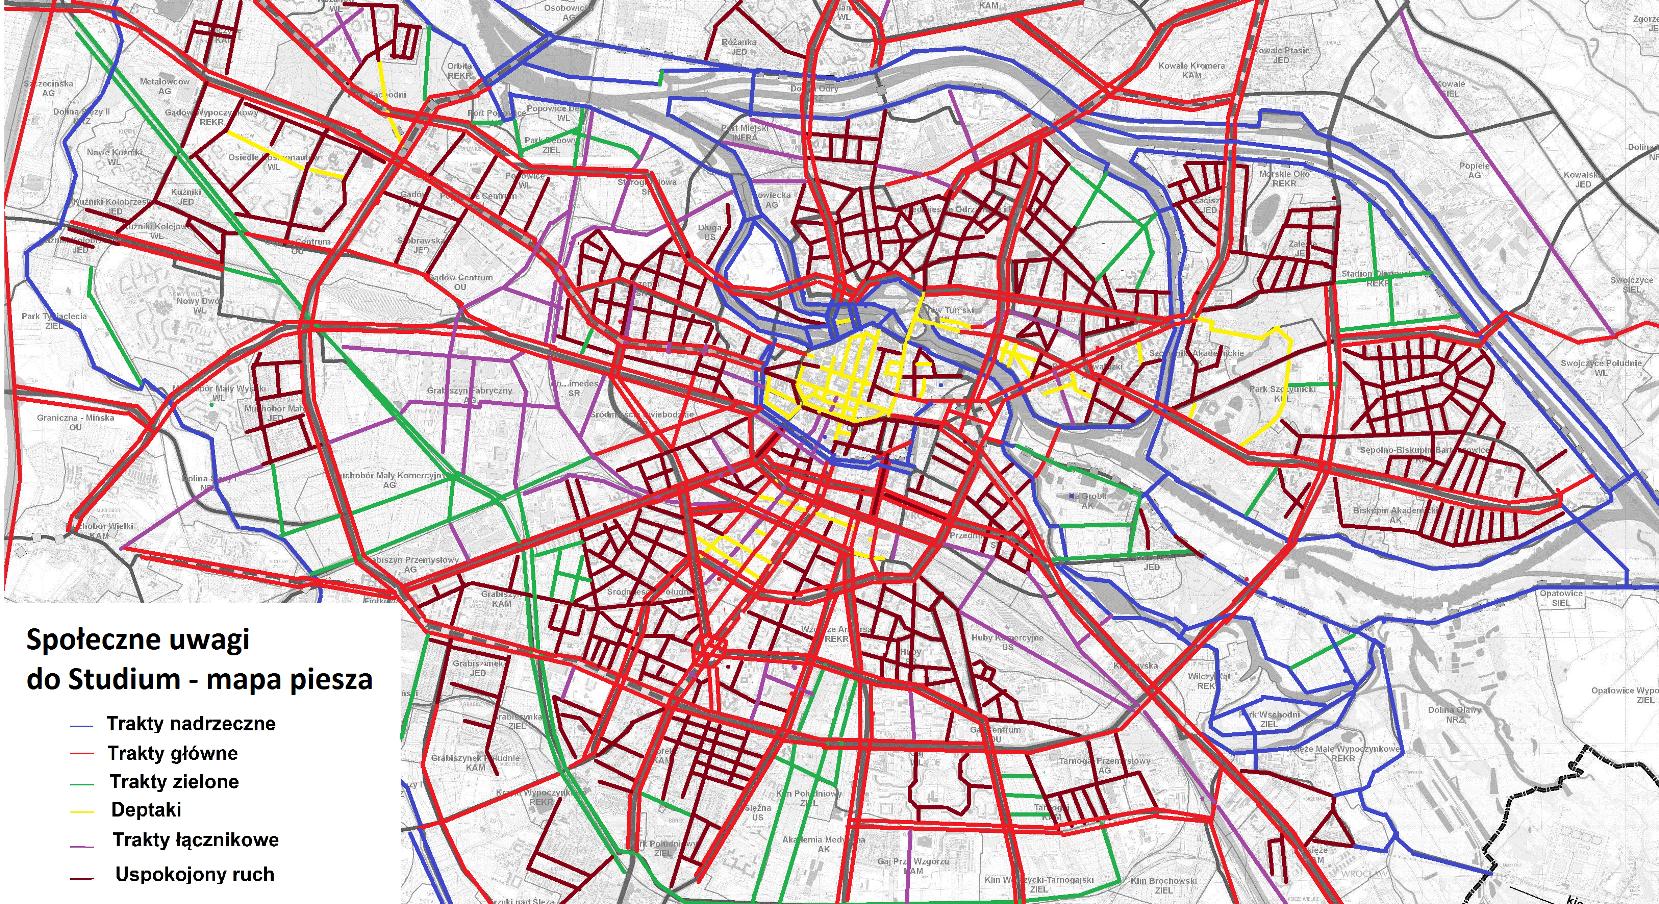 mapa-piesza